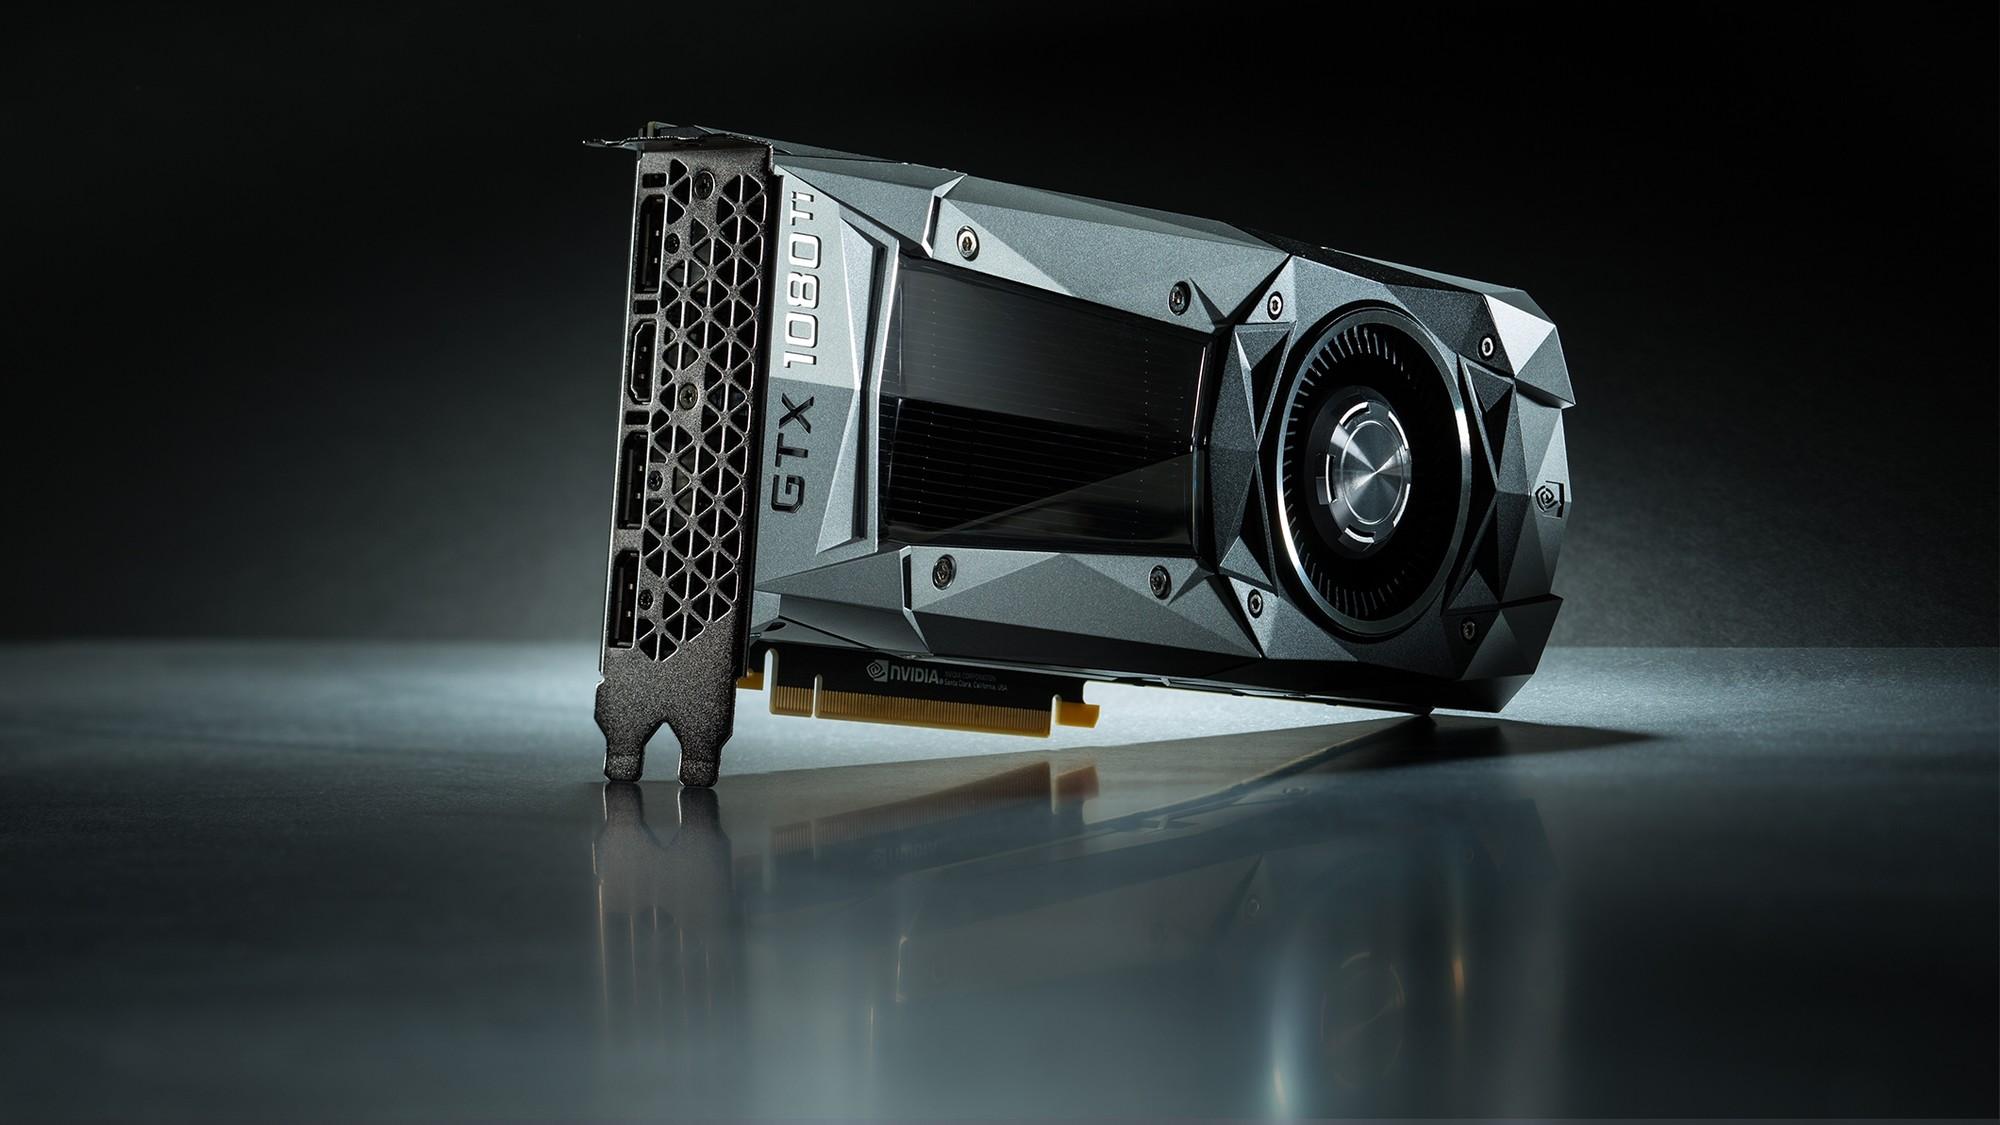 Thiếu hụt GPU ngày một trầm trọng, NVIDIA tính chuyện hồi sinh card đồ họa khủng nhất 2017 để game thủ bớt khóc? - Ảnh 1.